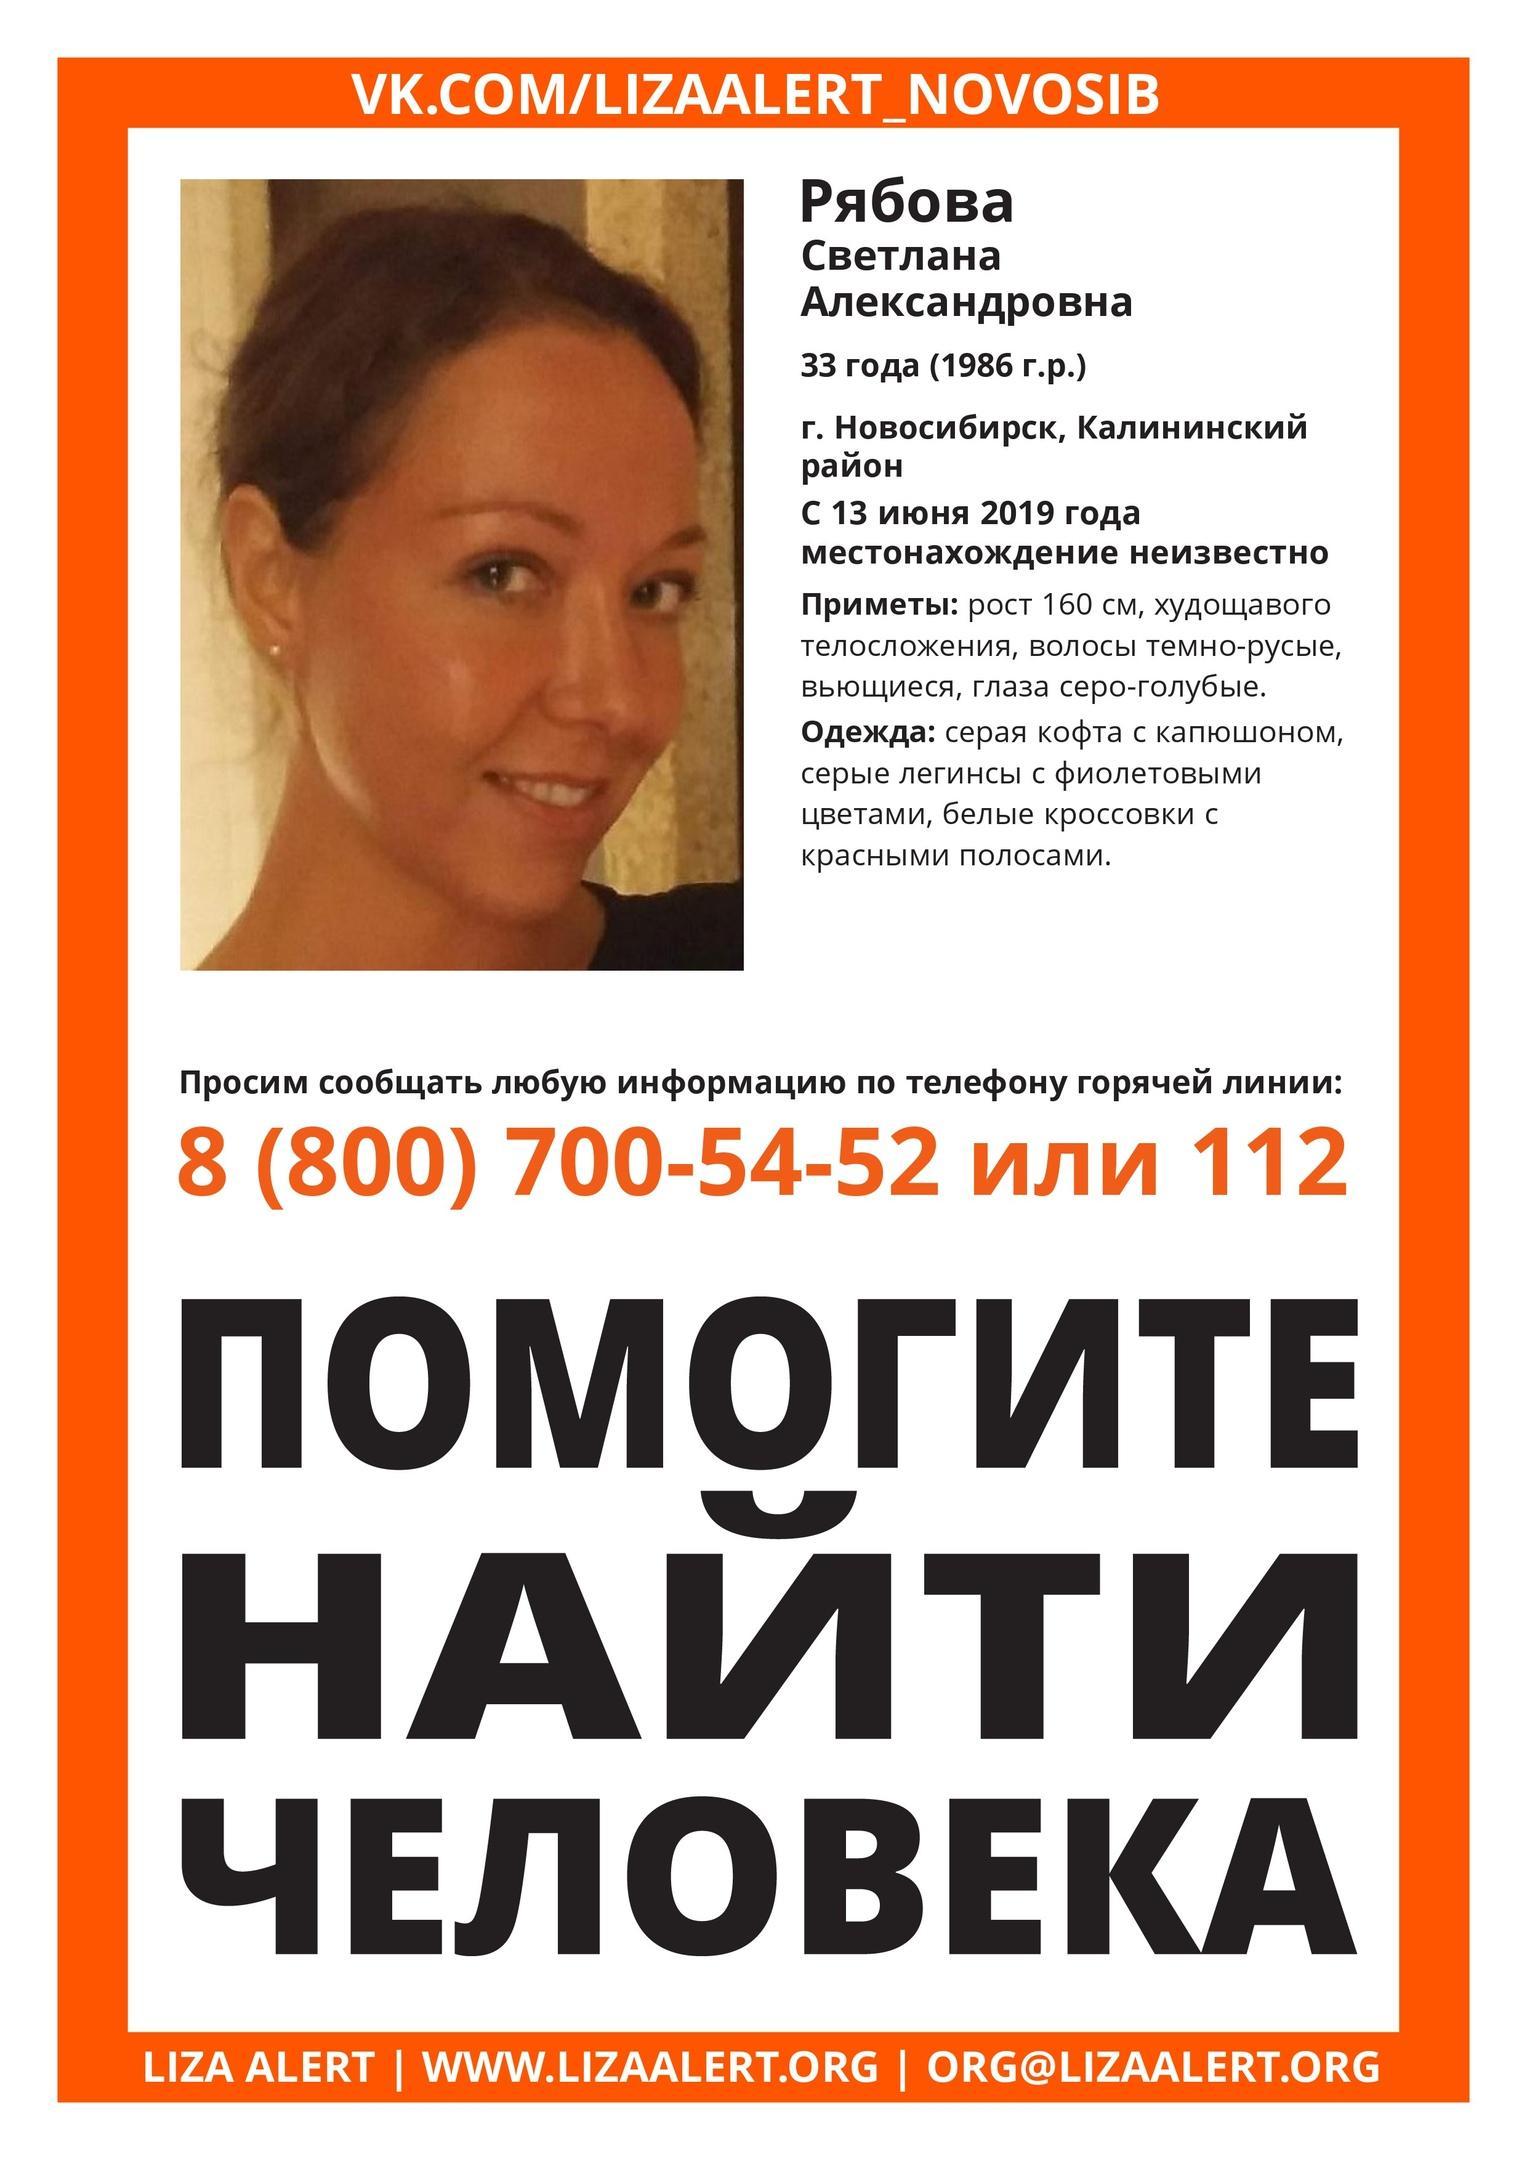 Фото Красивая девушка при странных обстоятельствах пропала в Новосибирске 2